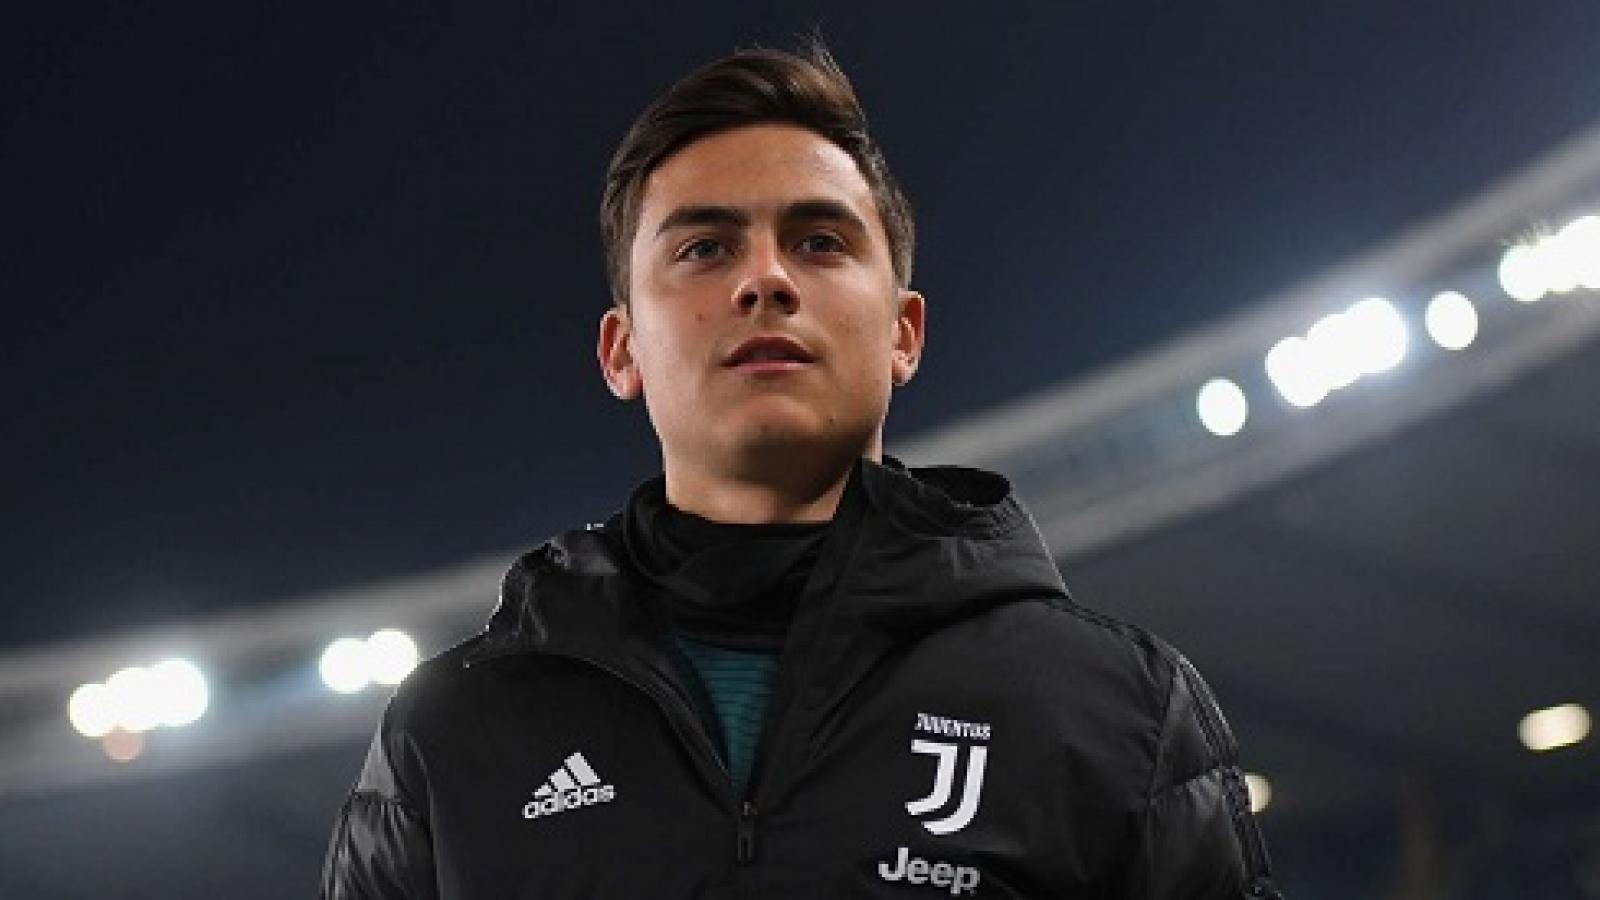 Juventus xác nhận Dybala bình phục sau 4 lần dương tính với SARS-CoV-2